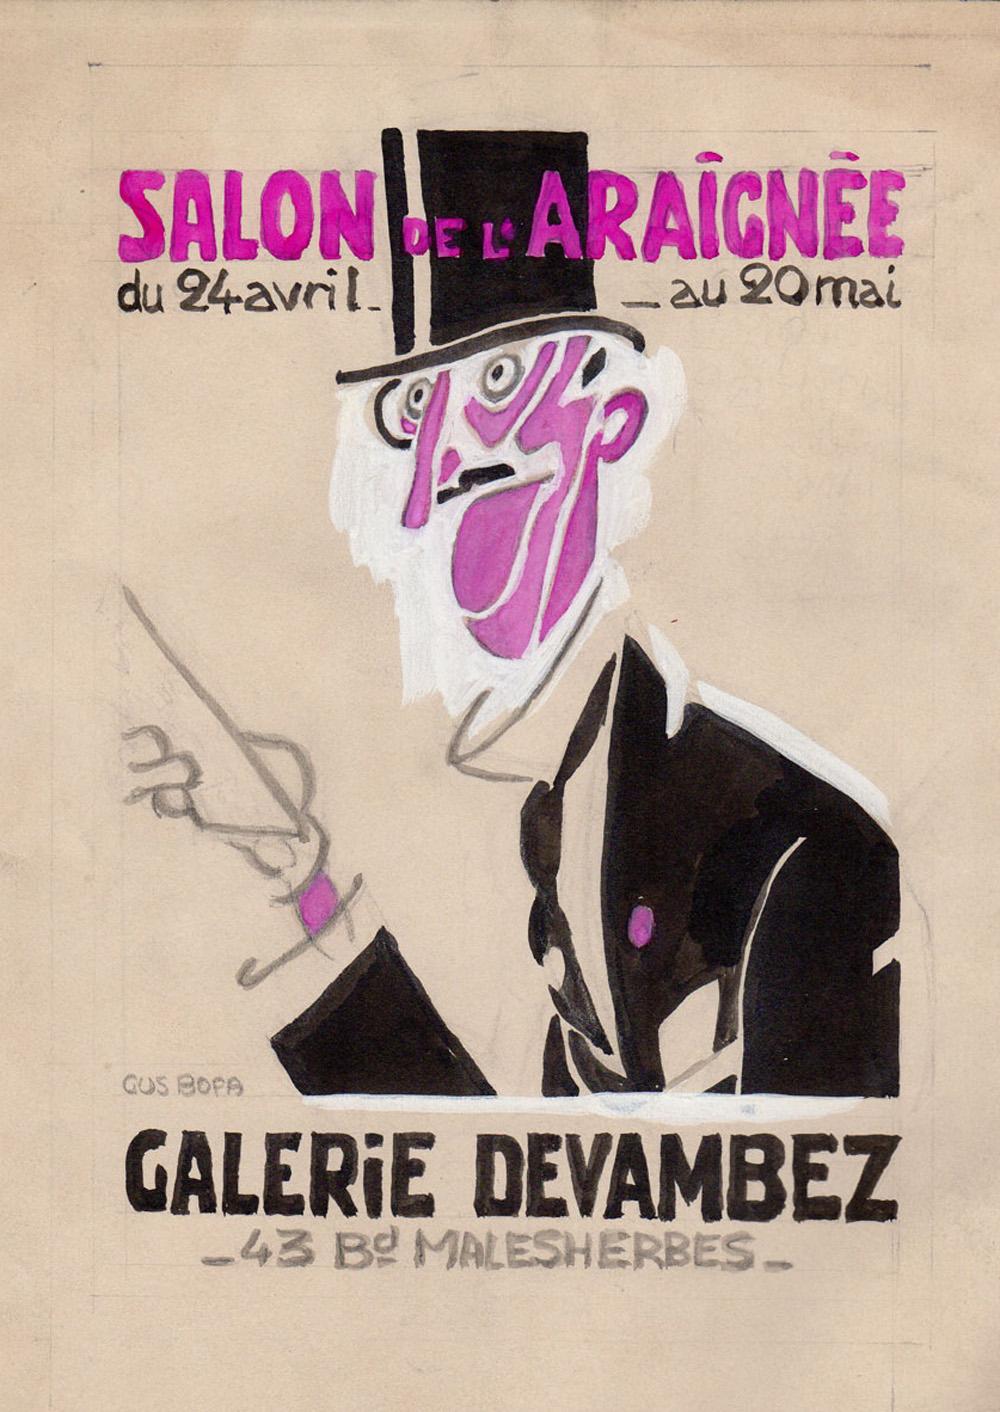 Galerie Devambez | Gus Bofa | Affiche du Salon de l'Araignée